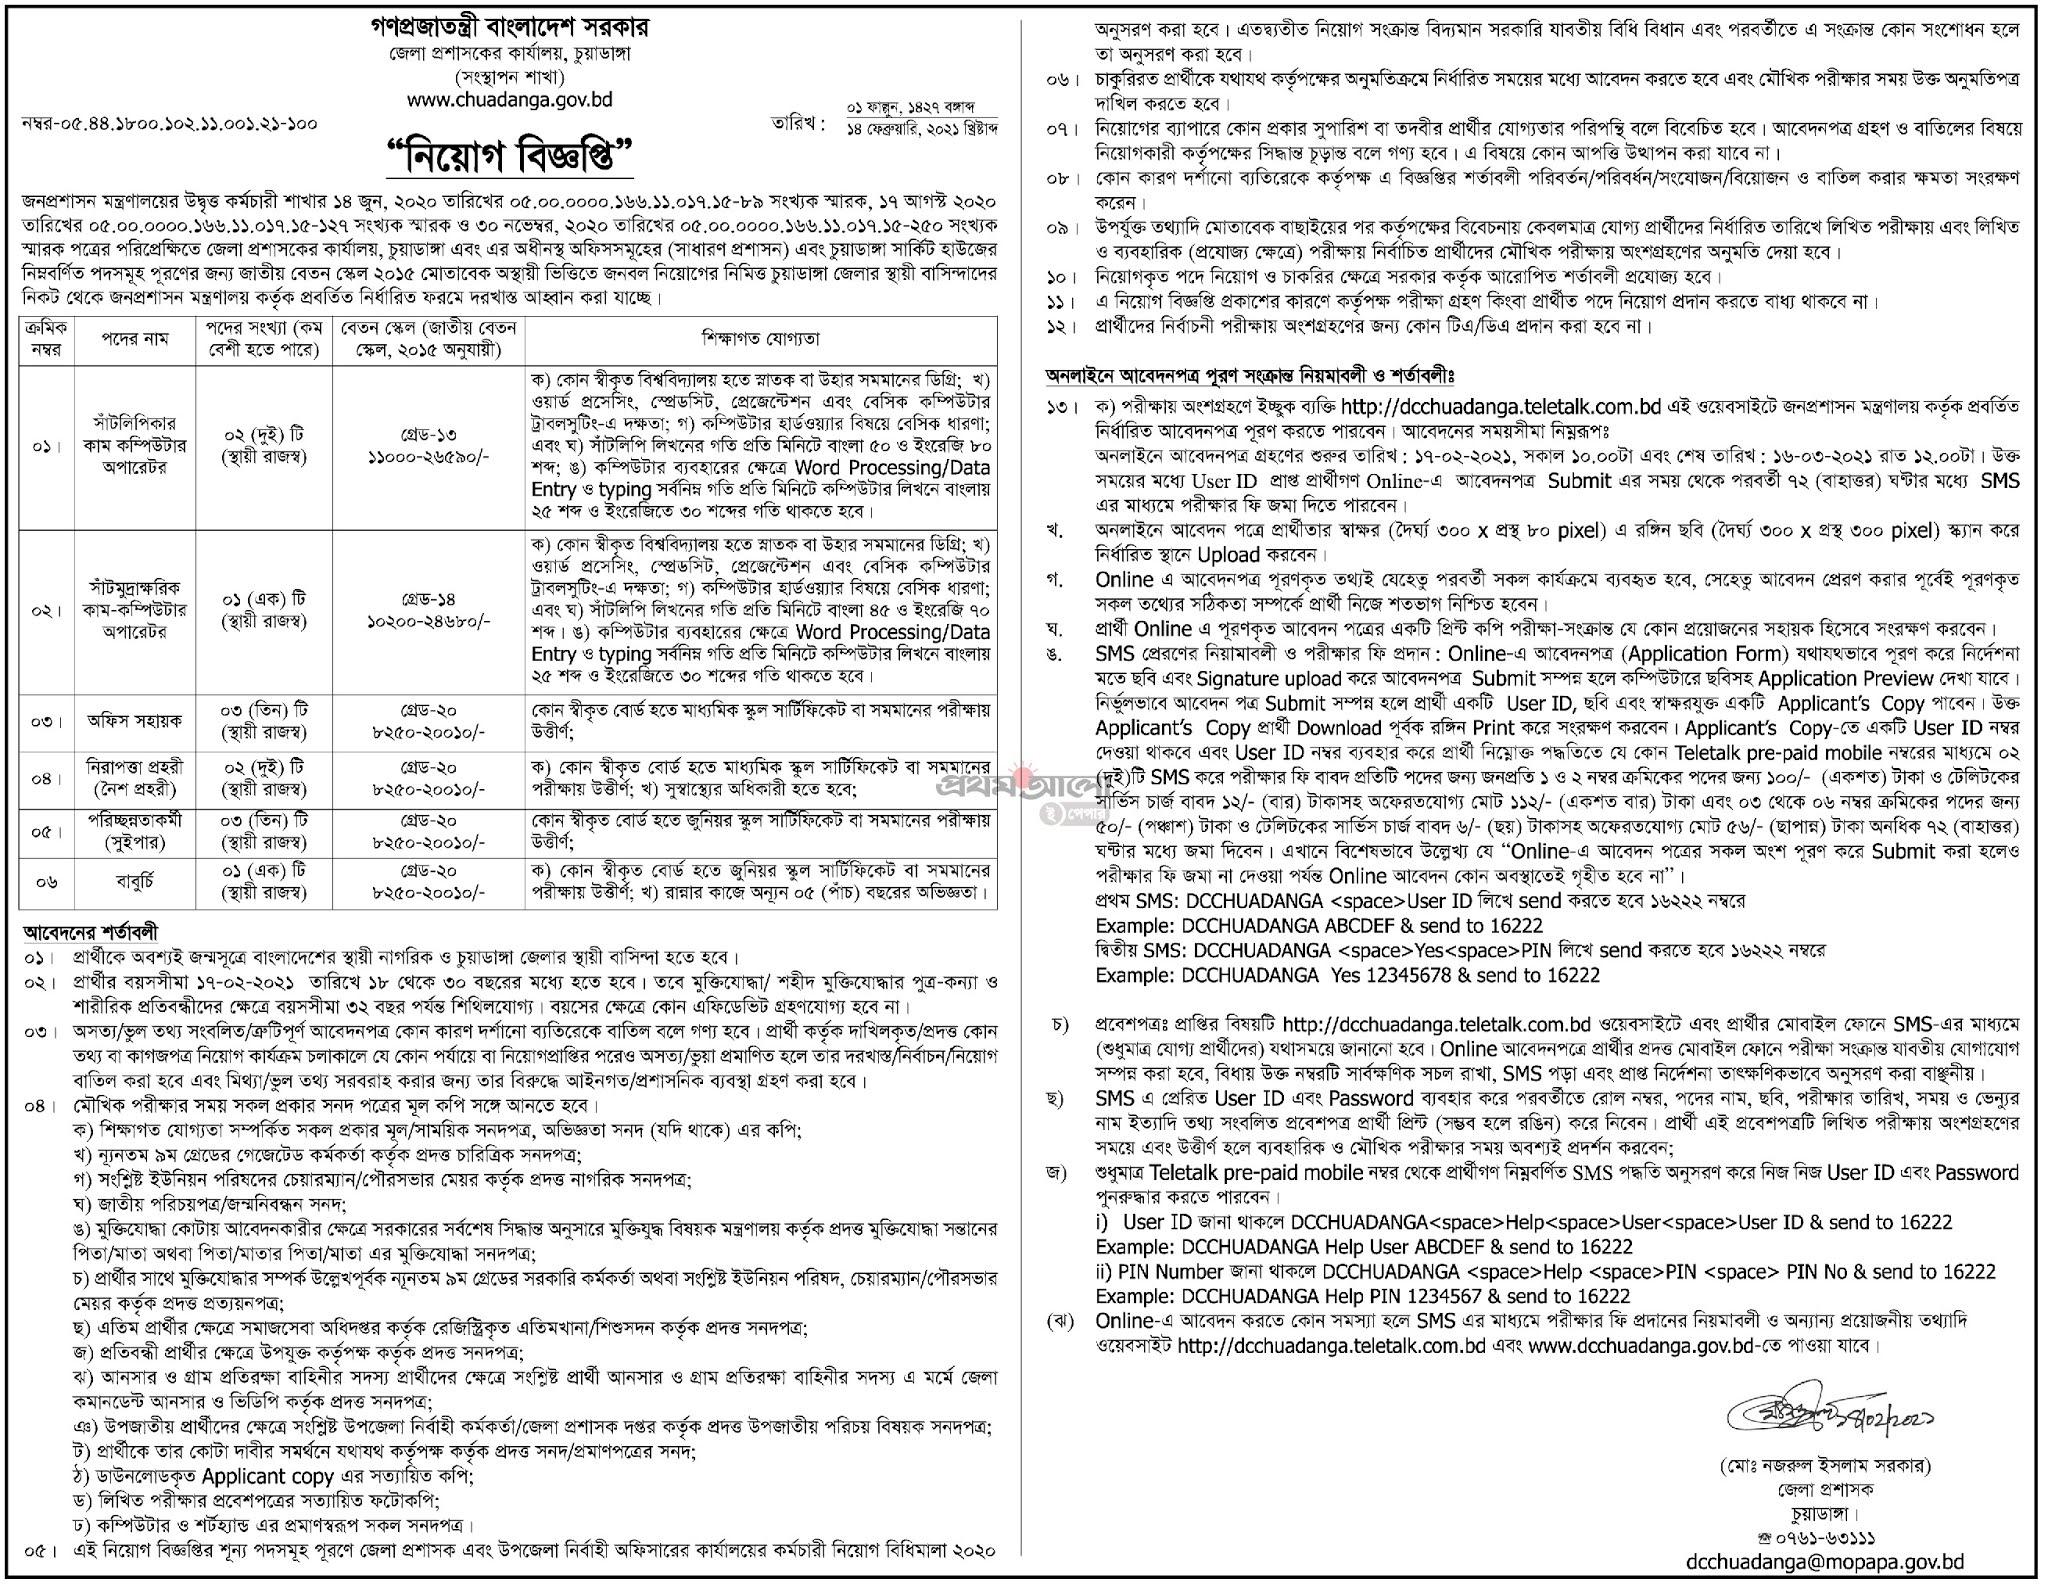 চুয়াডাঙ্গা জেলা প্রশাসকের কার্যালয়ে নিয়োগ বিজ্ঞপ্তি  ২০২১